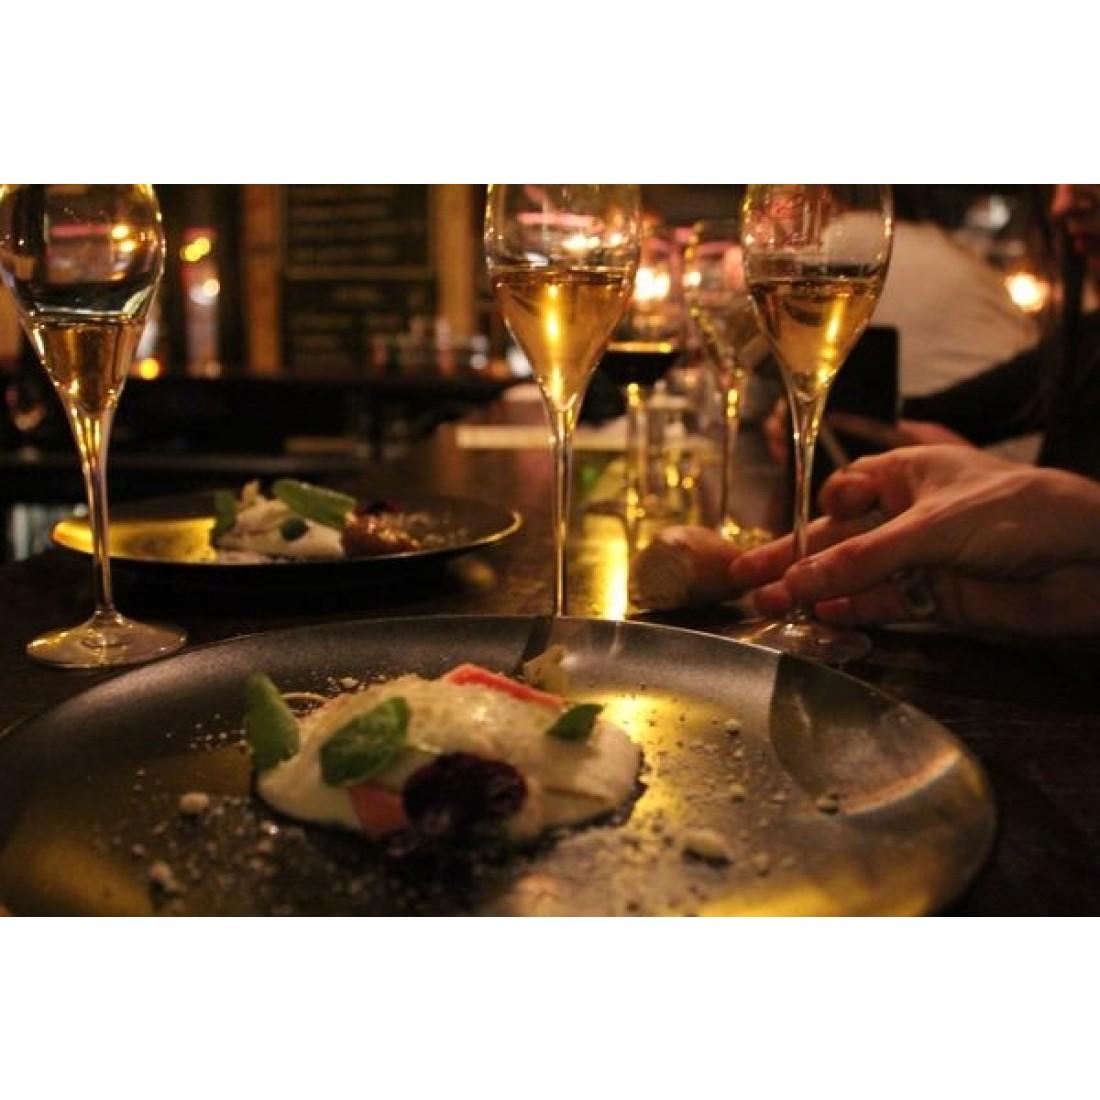 Champagnemiddag på Vesterbro Vinstue Tirsdag den 17 december kl. 18.30-31